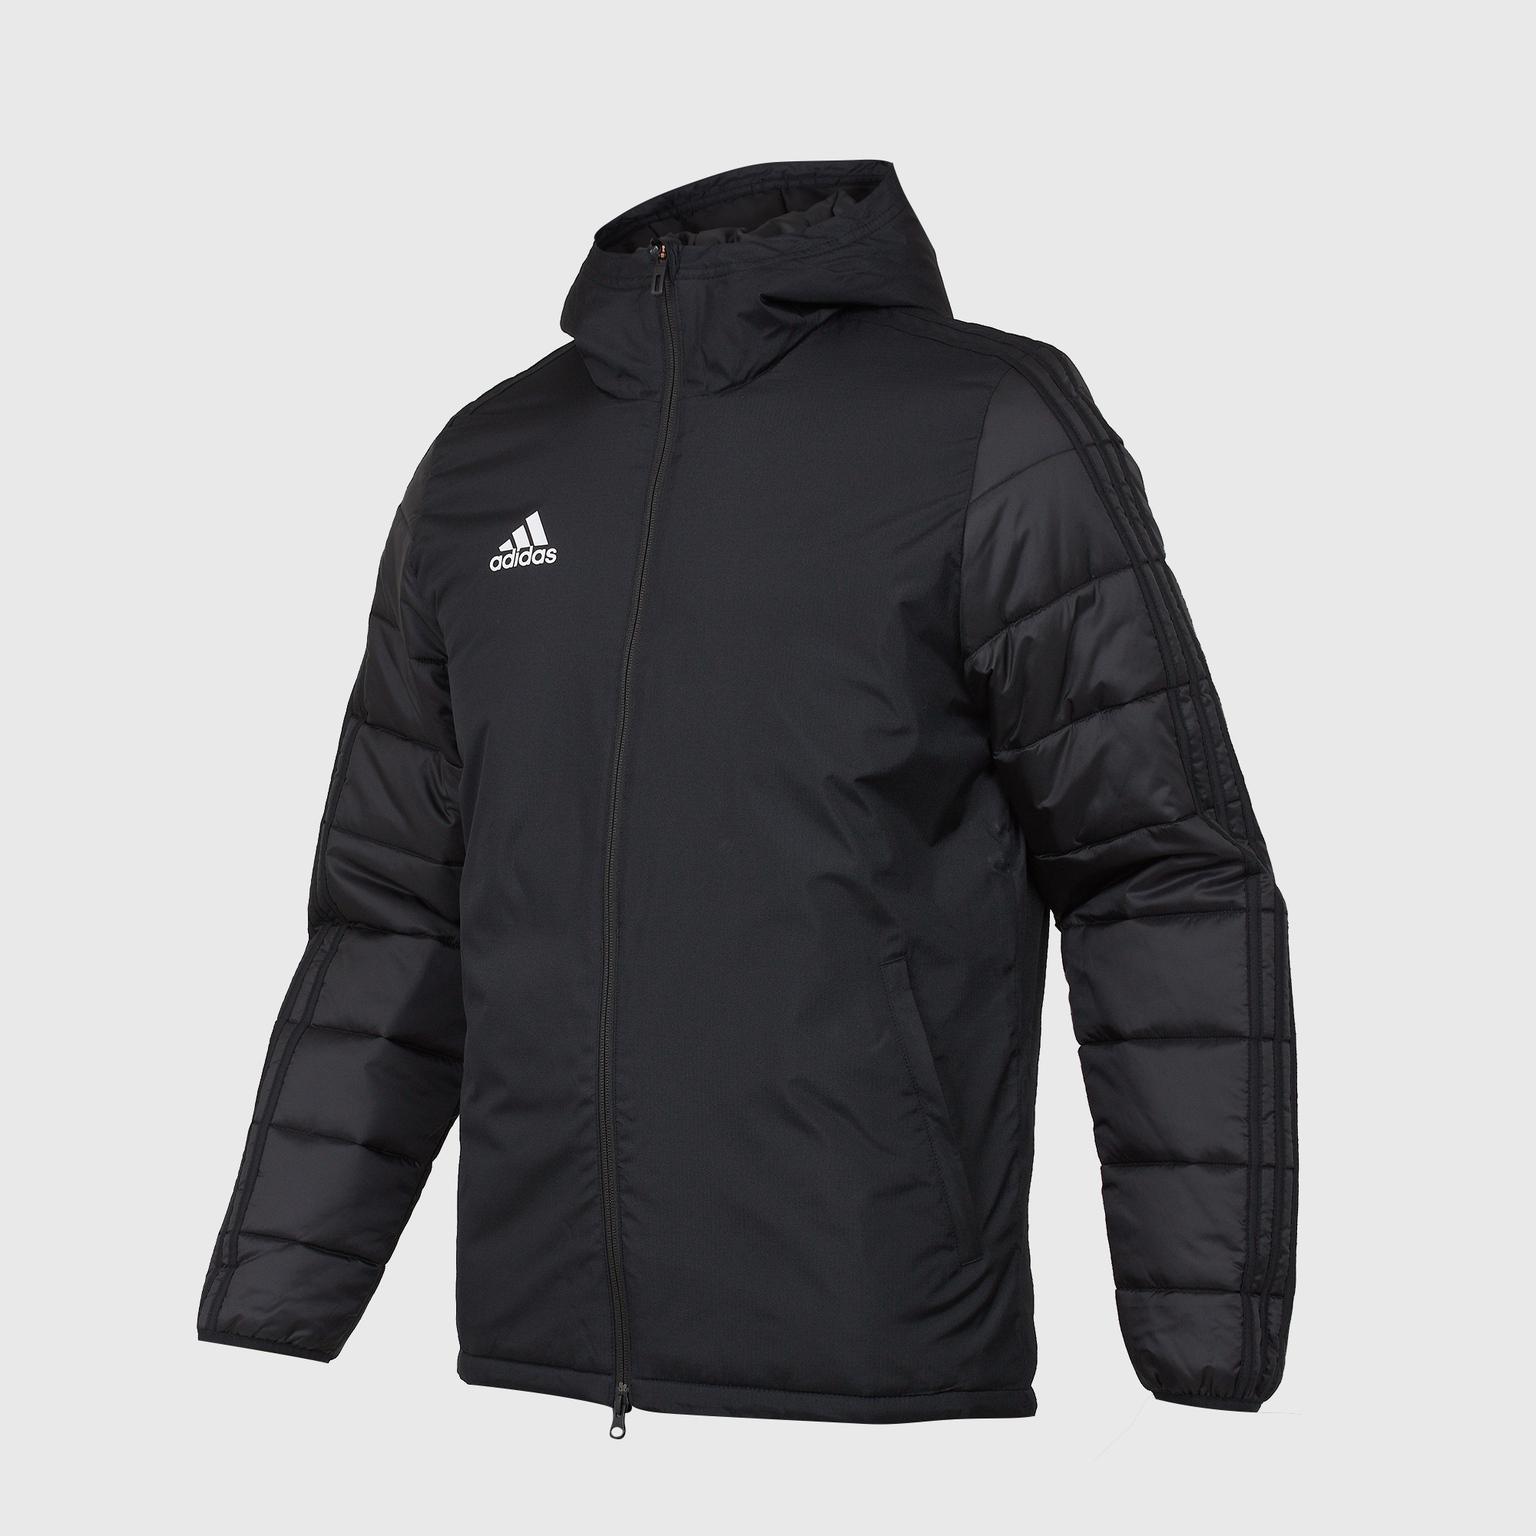 307aec34 Куртка утепленная Adidas JKT18 Winter BQ6602 – купить в интернет магазине  footballstore, цена, фото